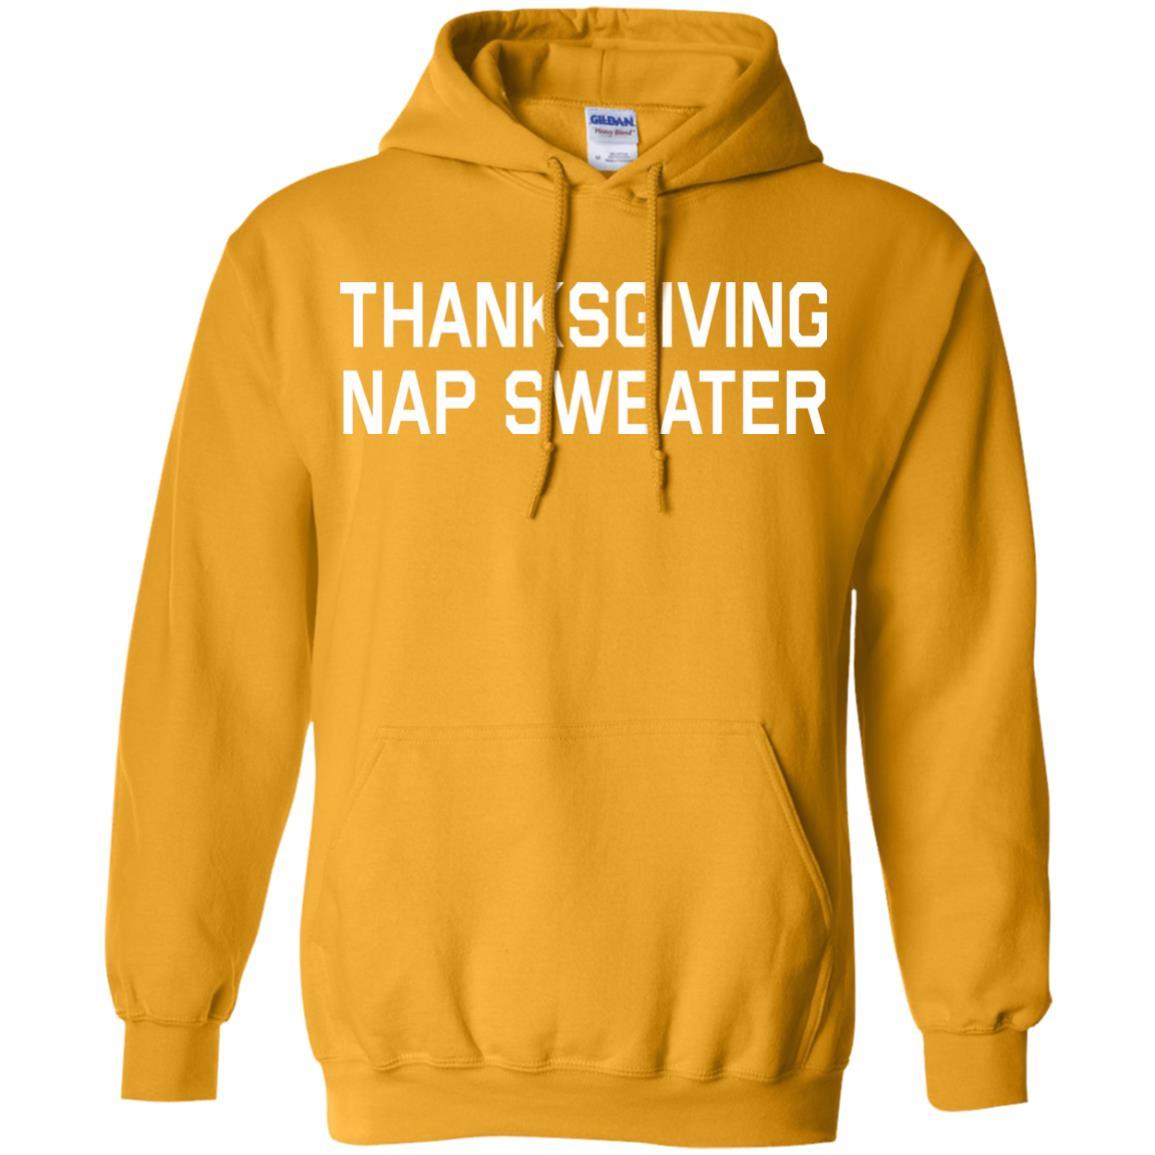 image 594 - Thanksgiving Nap sweater, hoodie